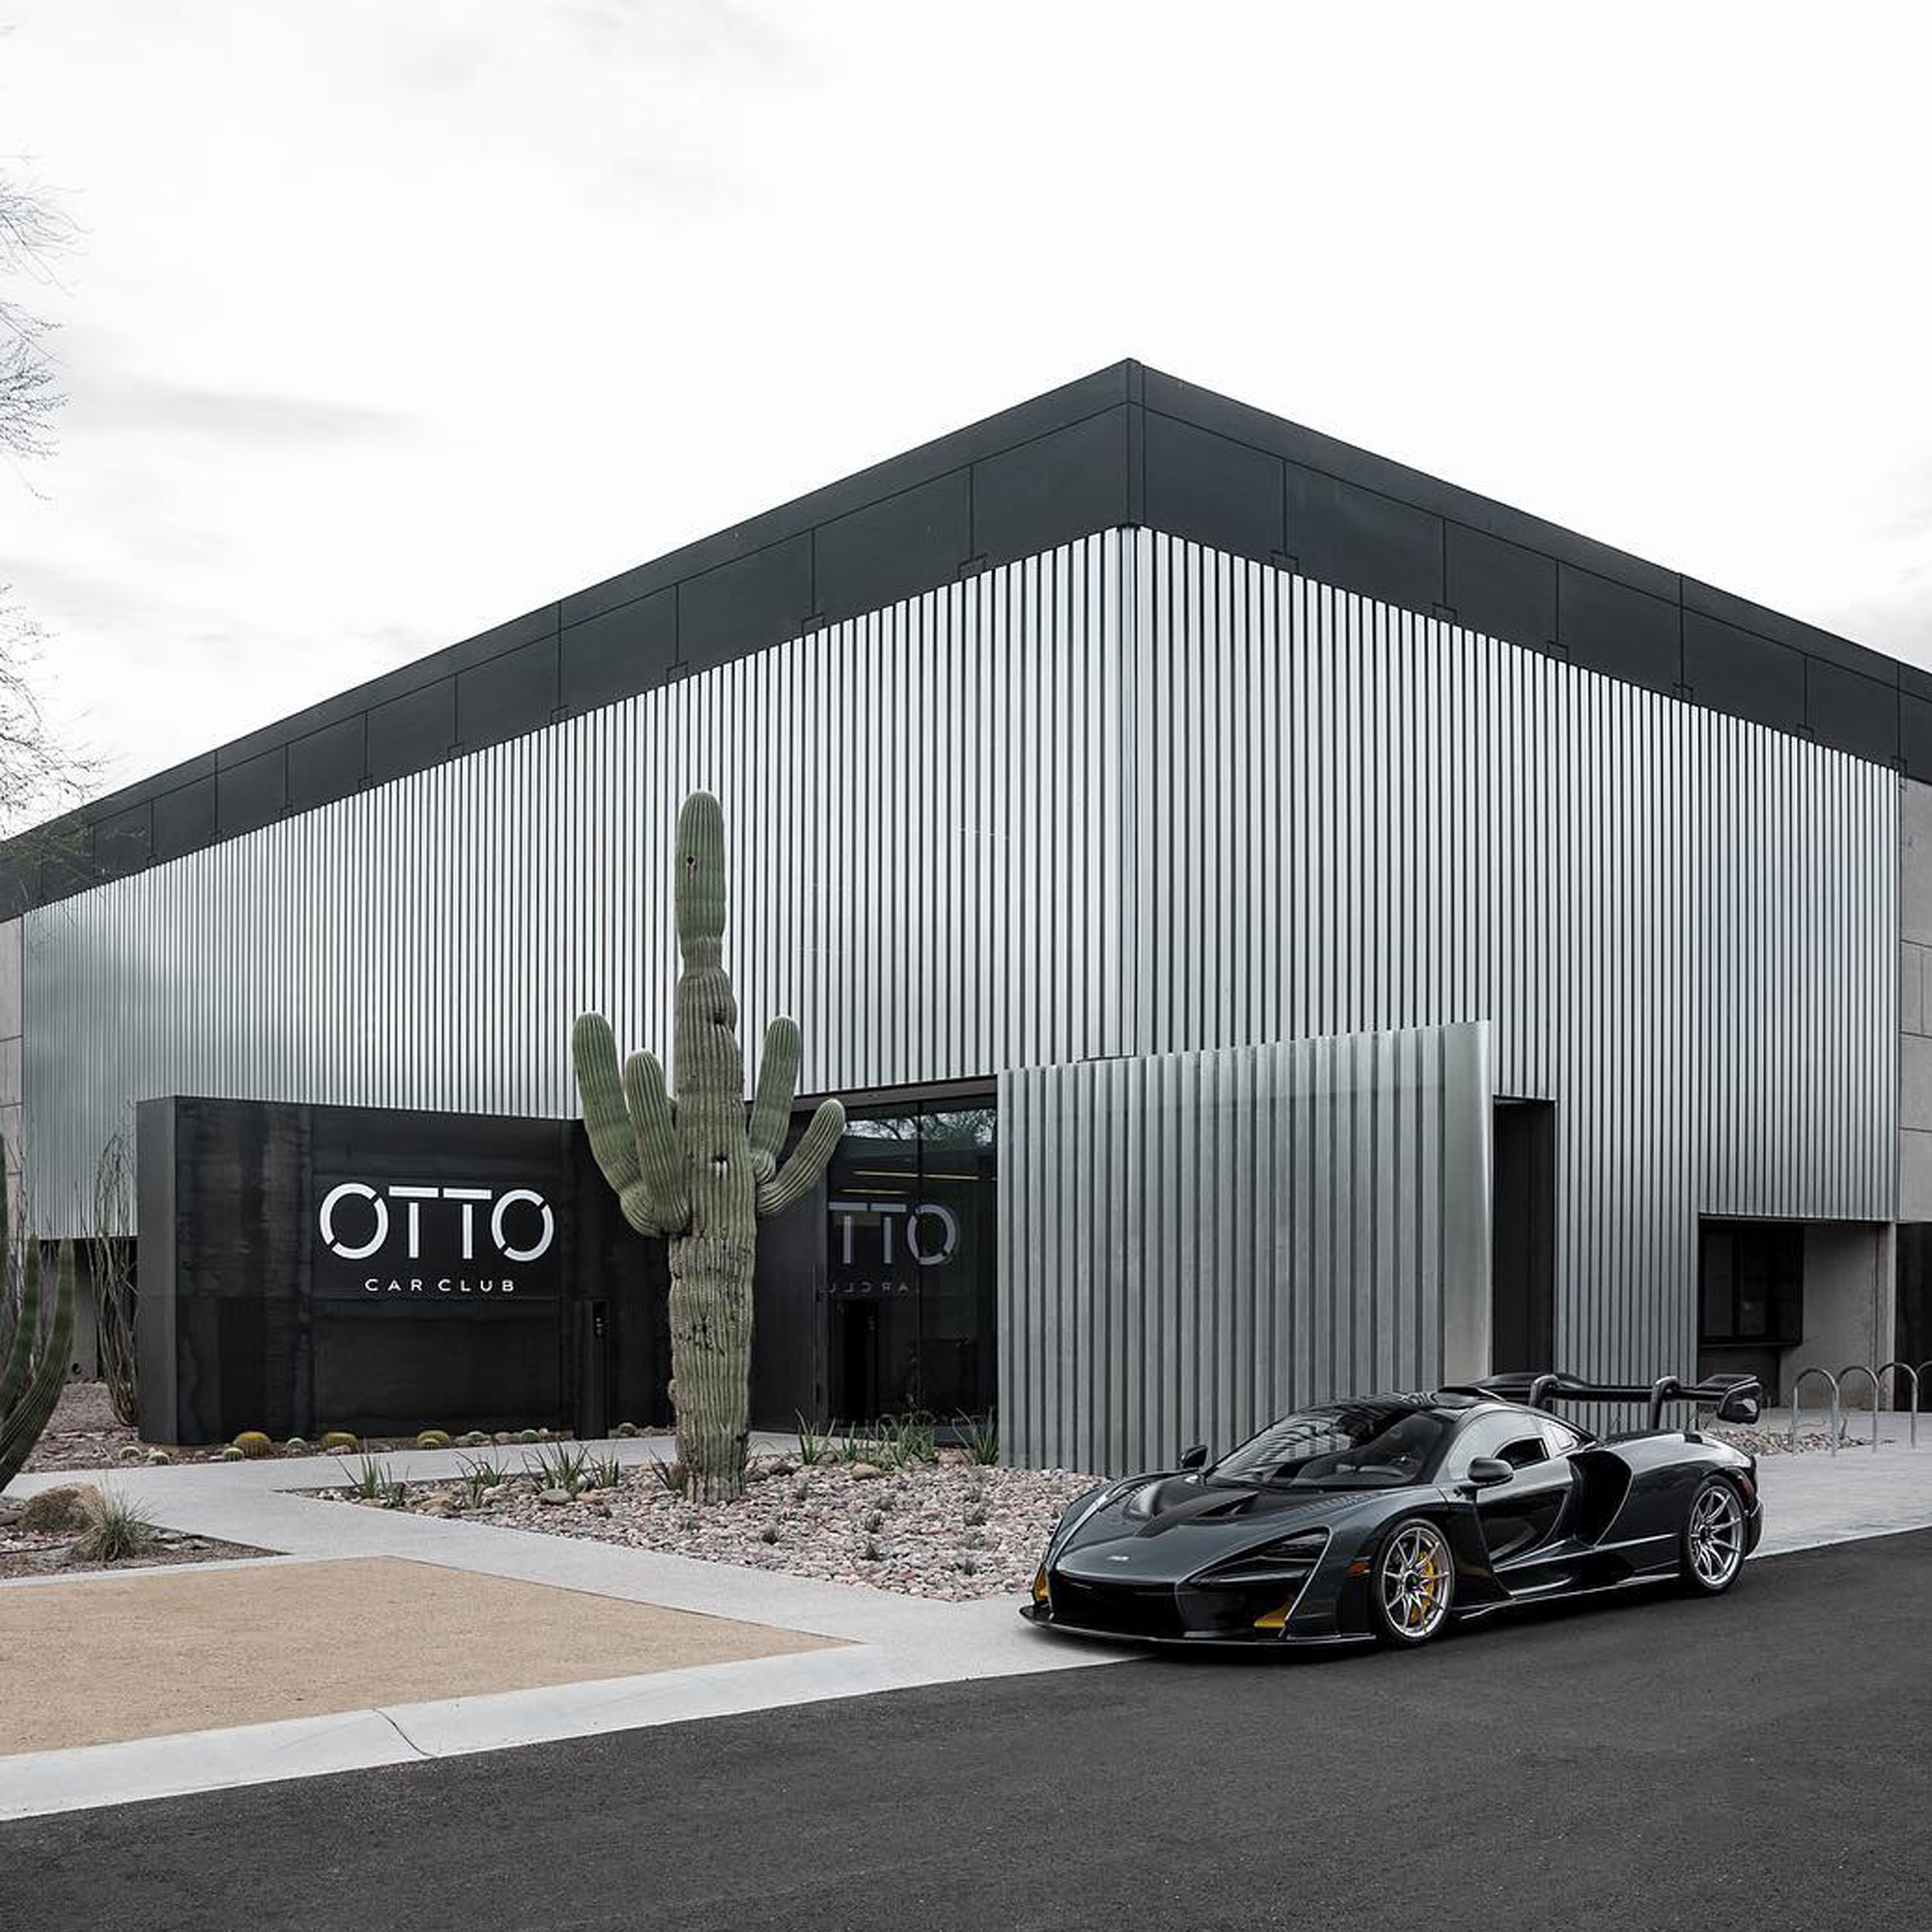 OTTO Car Club